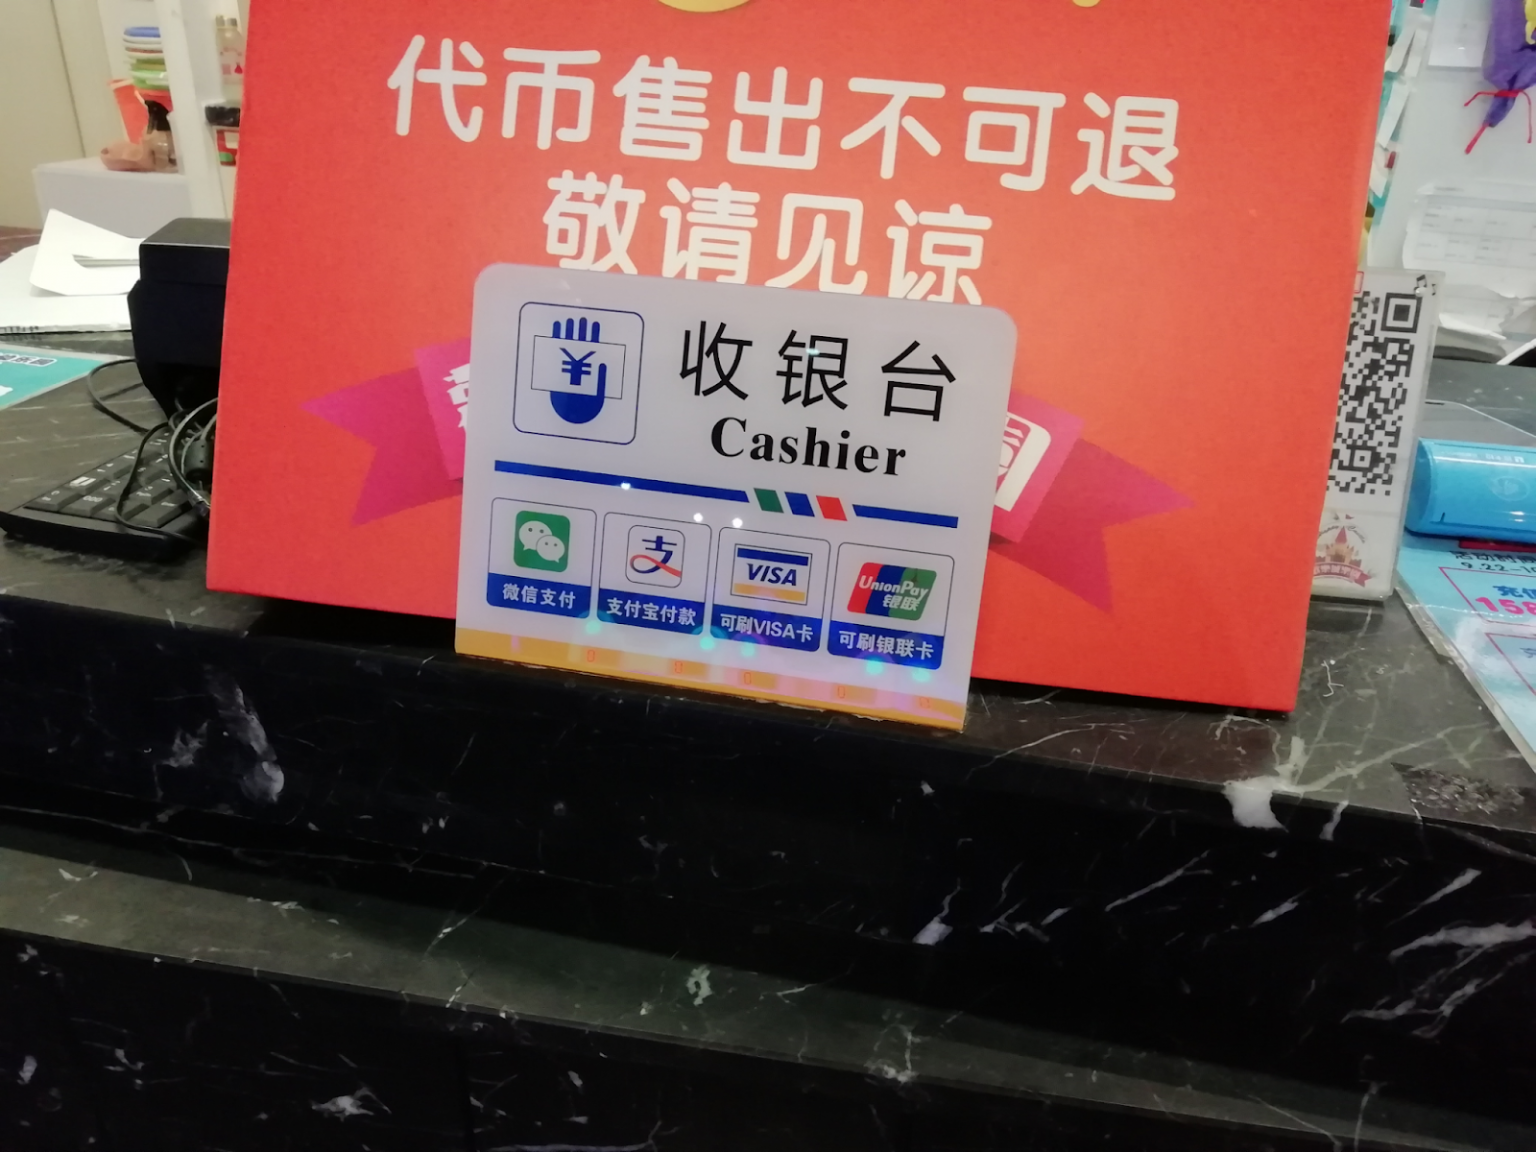 Chine: des mesures de répression contre la crypto-monnaie pour lutter contre le blanchiment d'argent